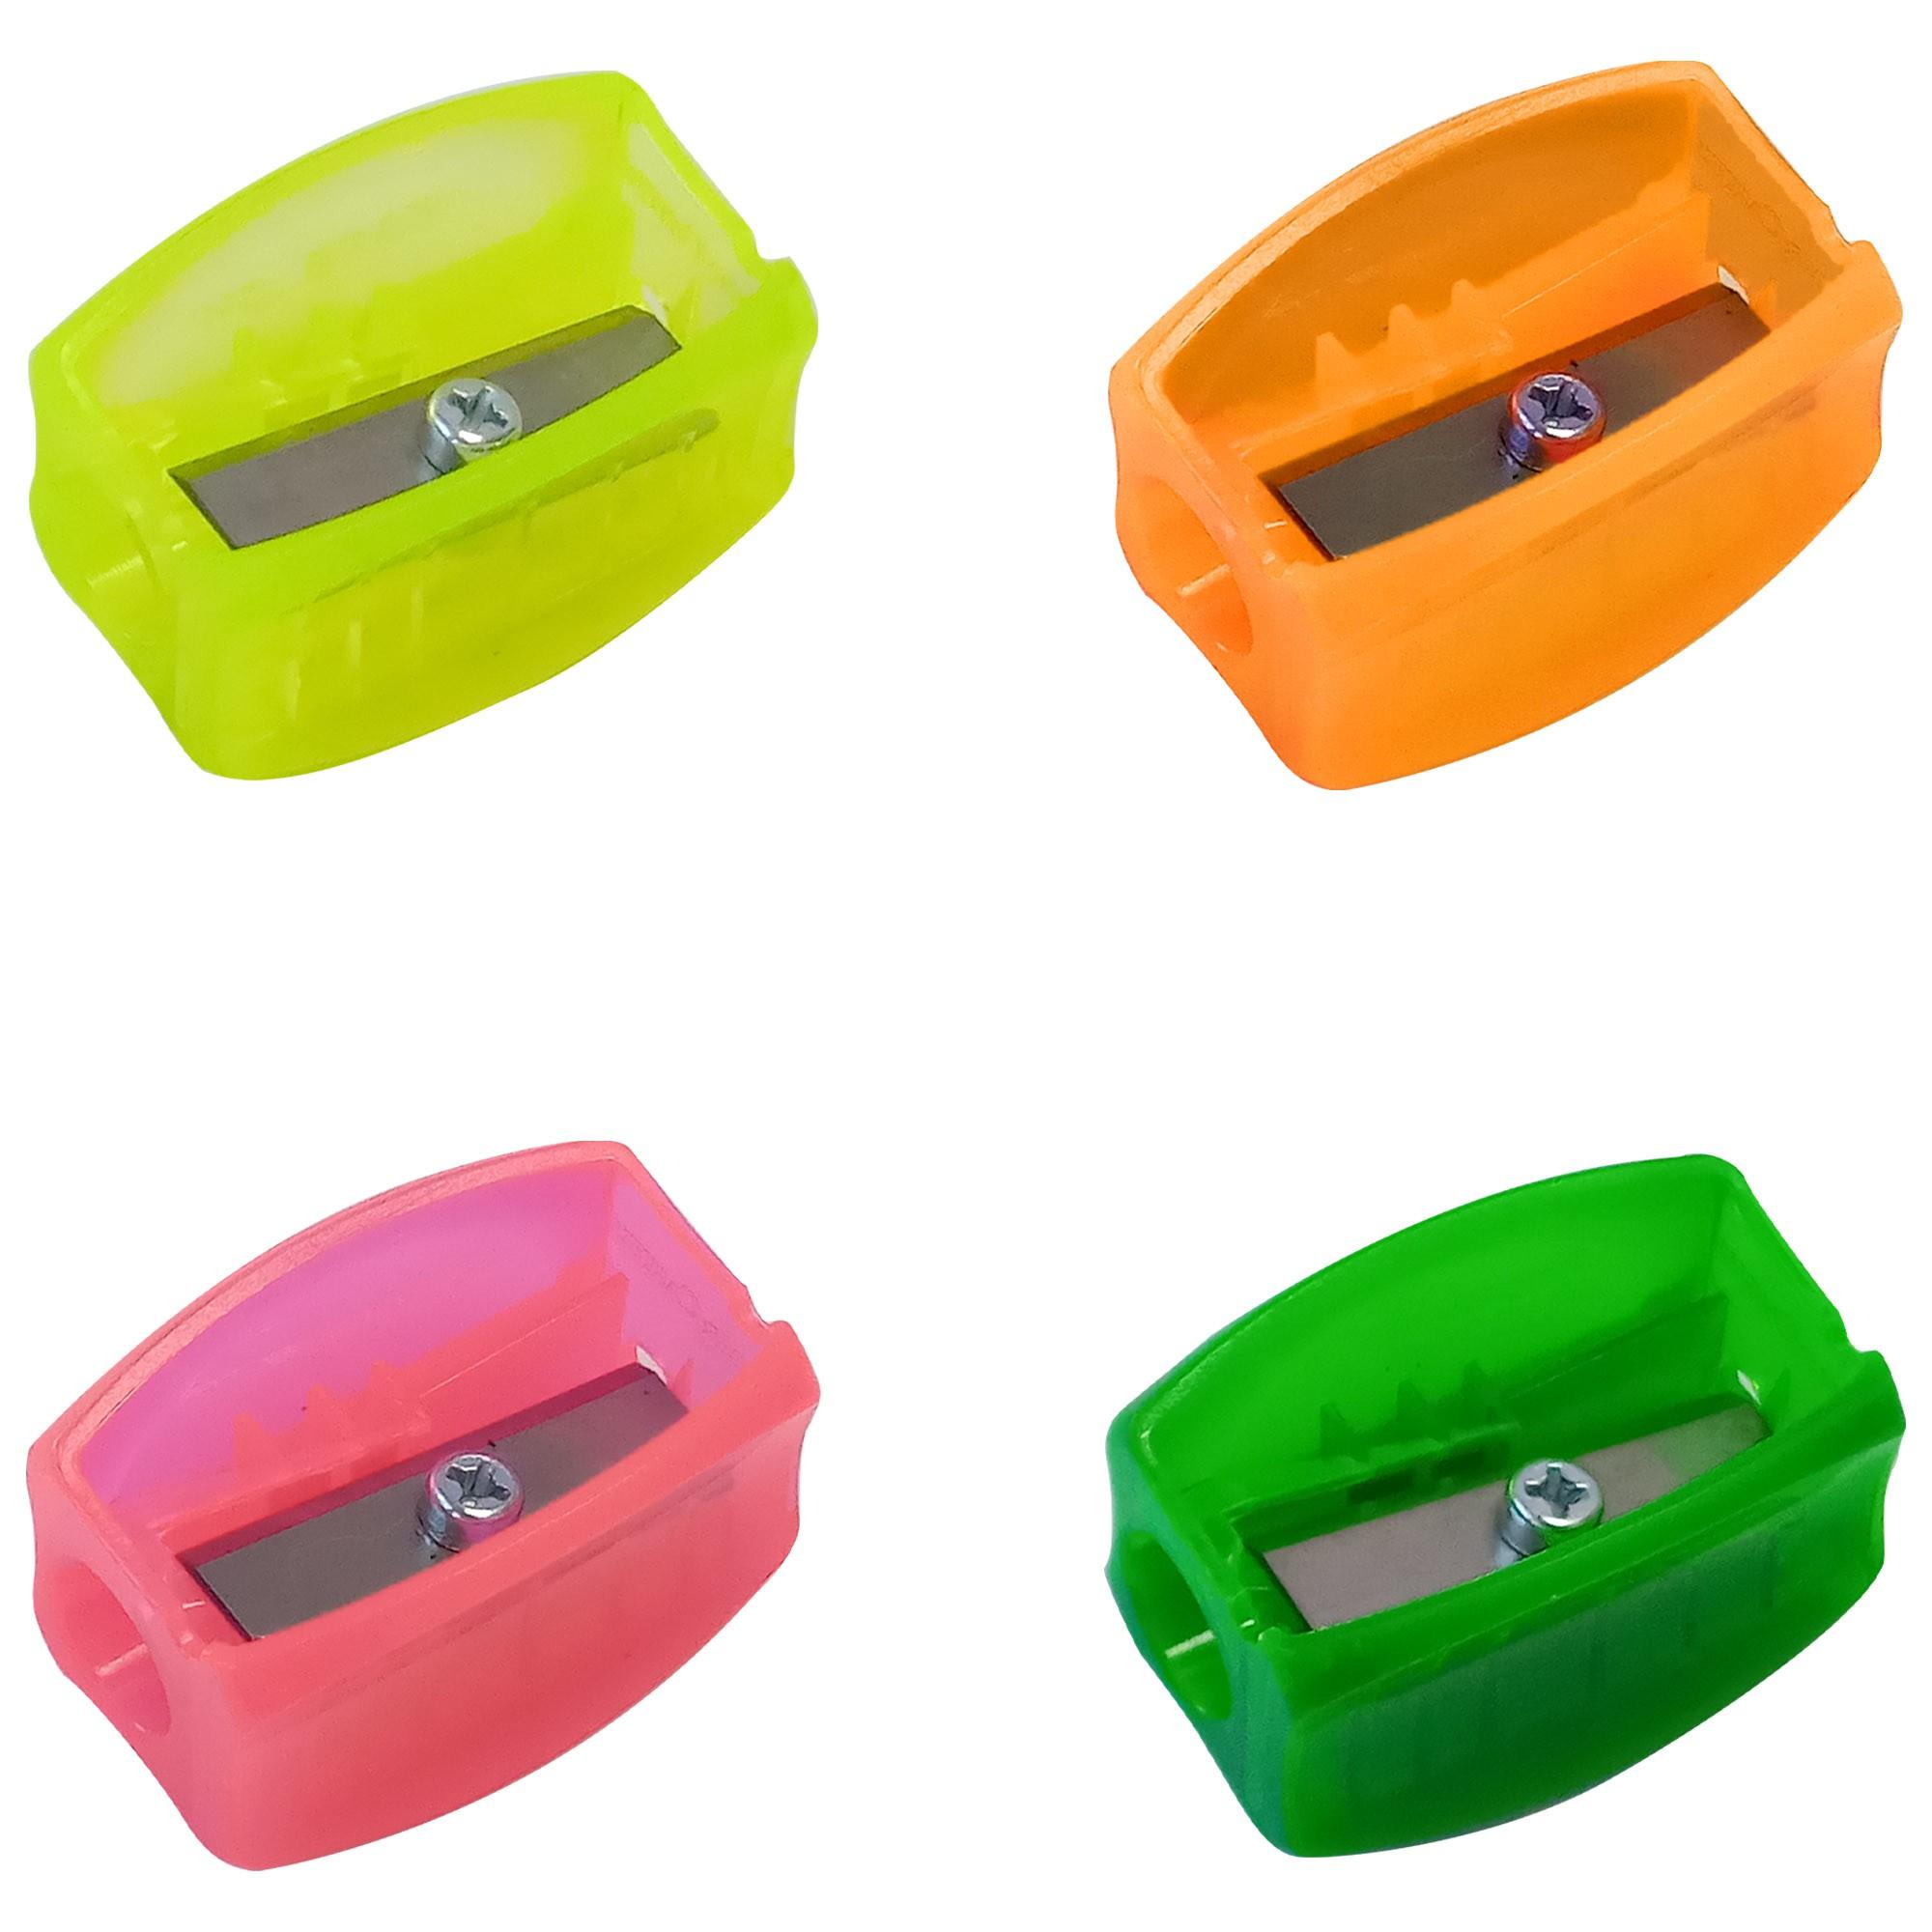 Apontador Classico S/ Bau Simples Cores Sortidas Neon - Faber Castell